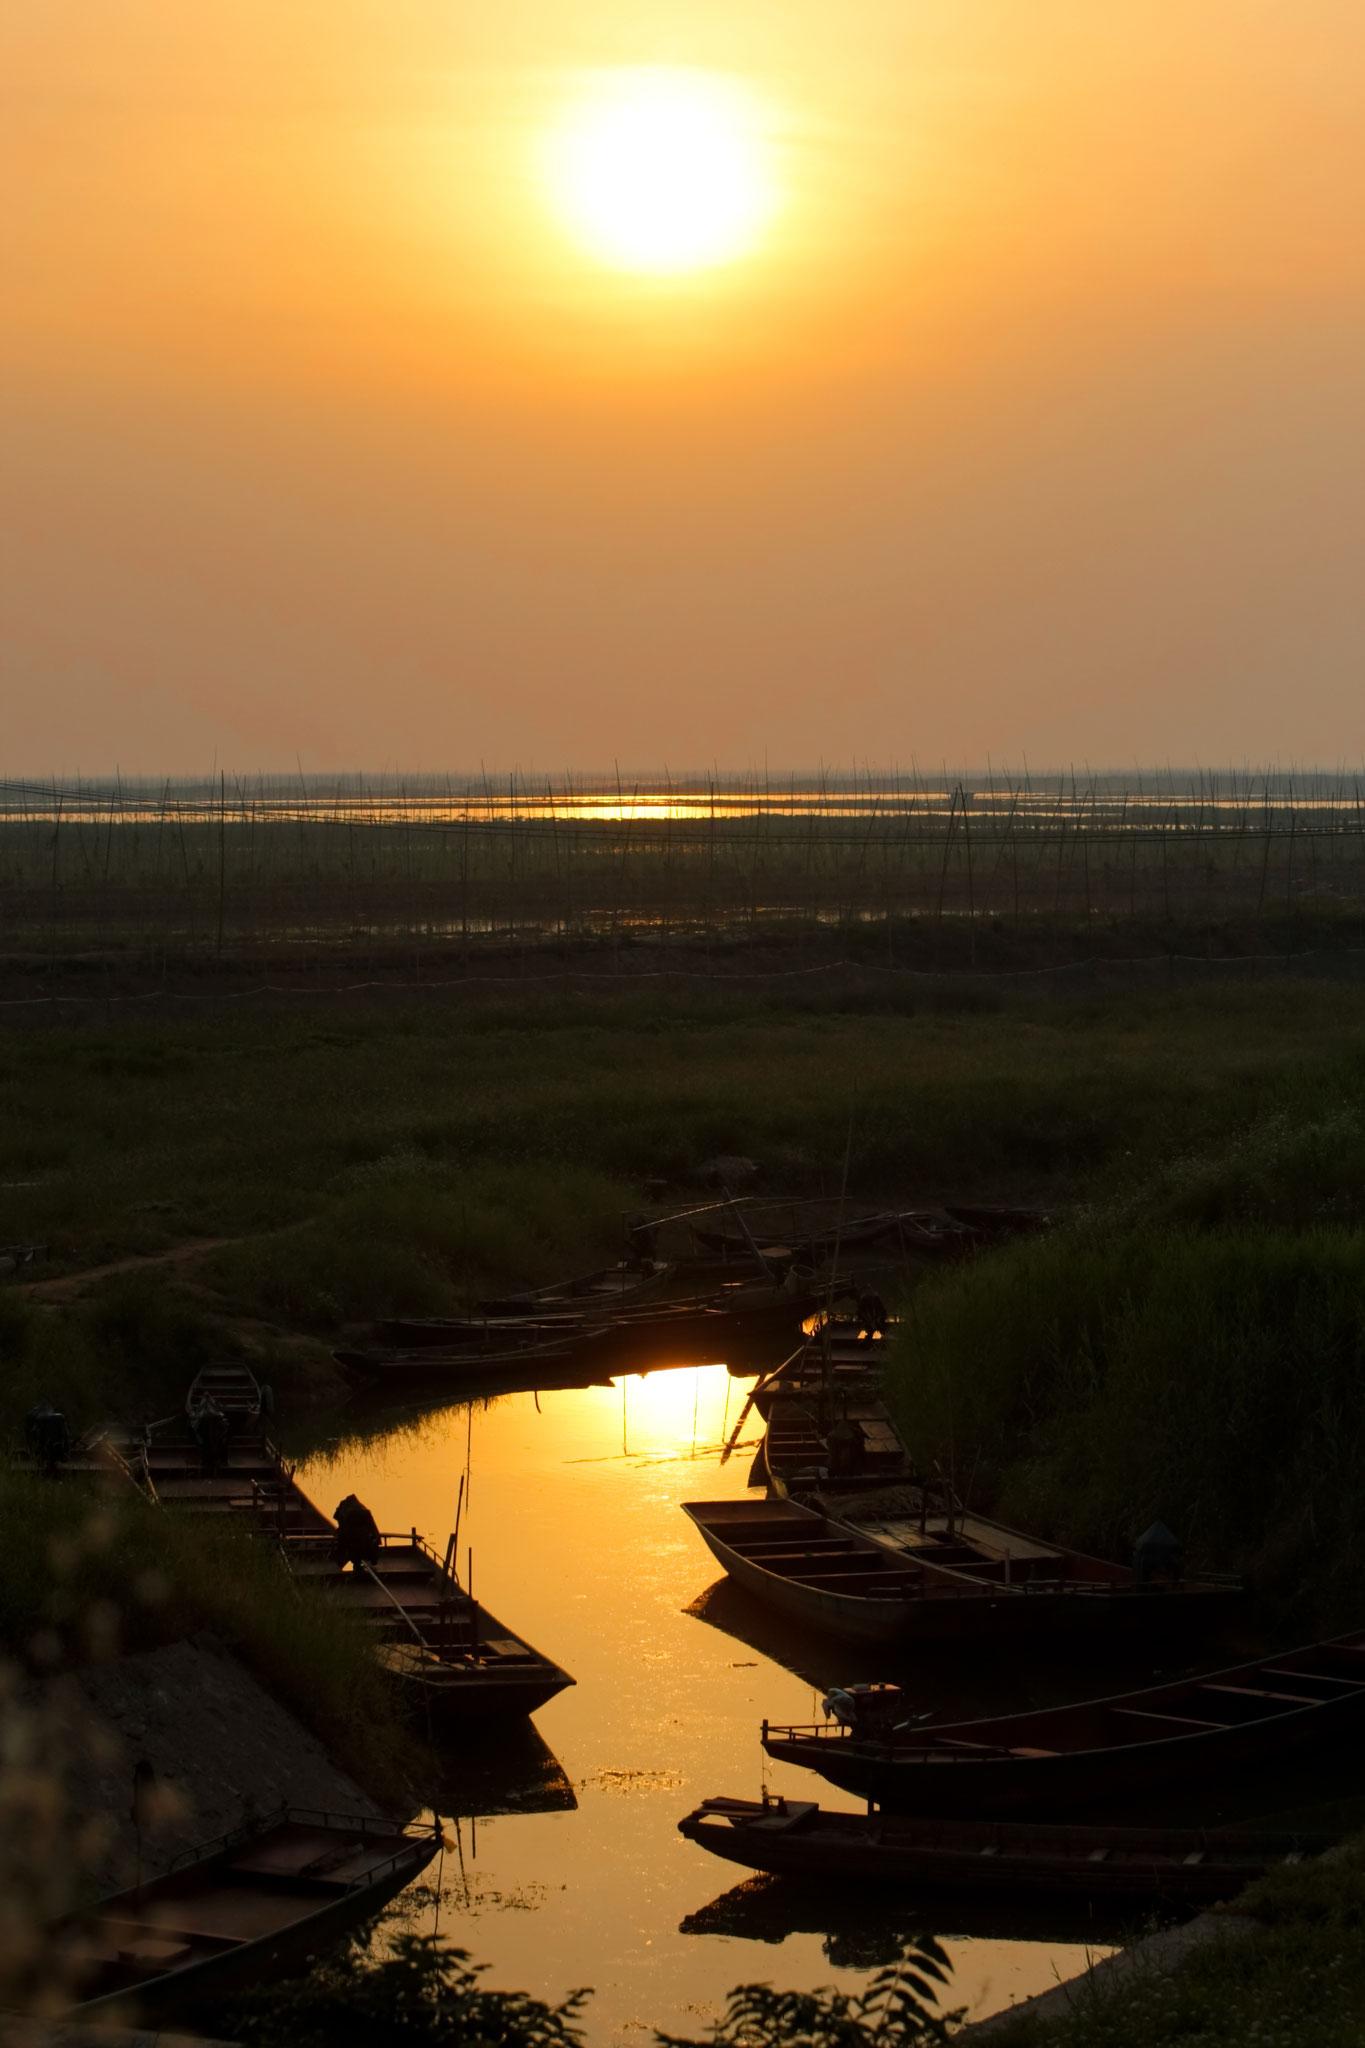 Fluß mit Fischerbooten in der Abendsonne bei Nanjing / Reportage für BILD - © Dirk Brzoska